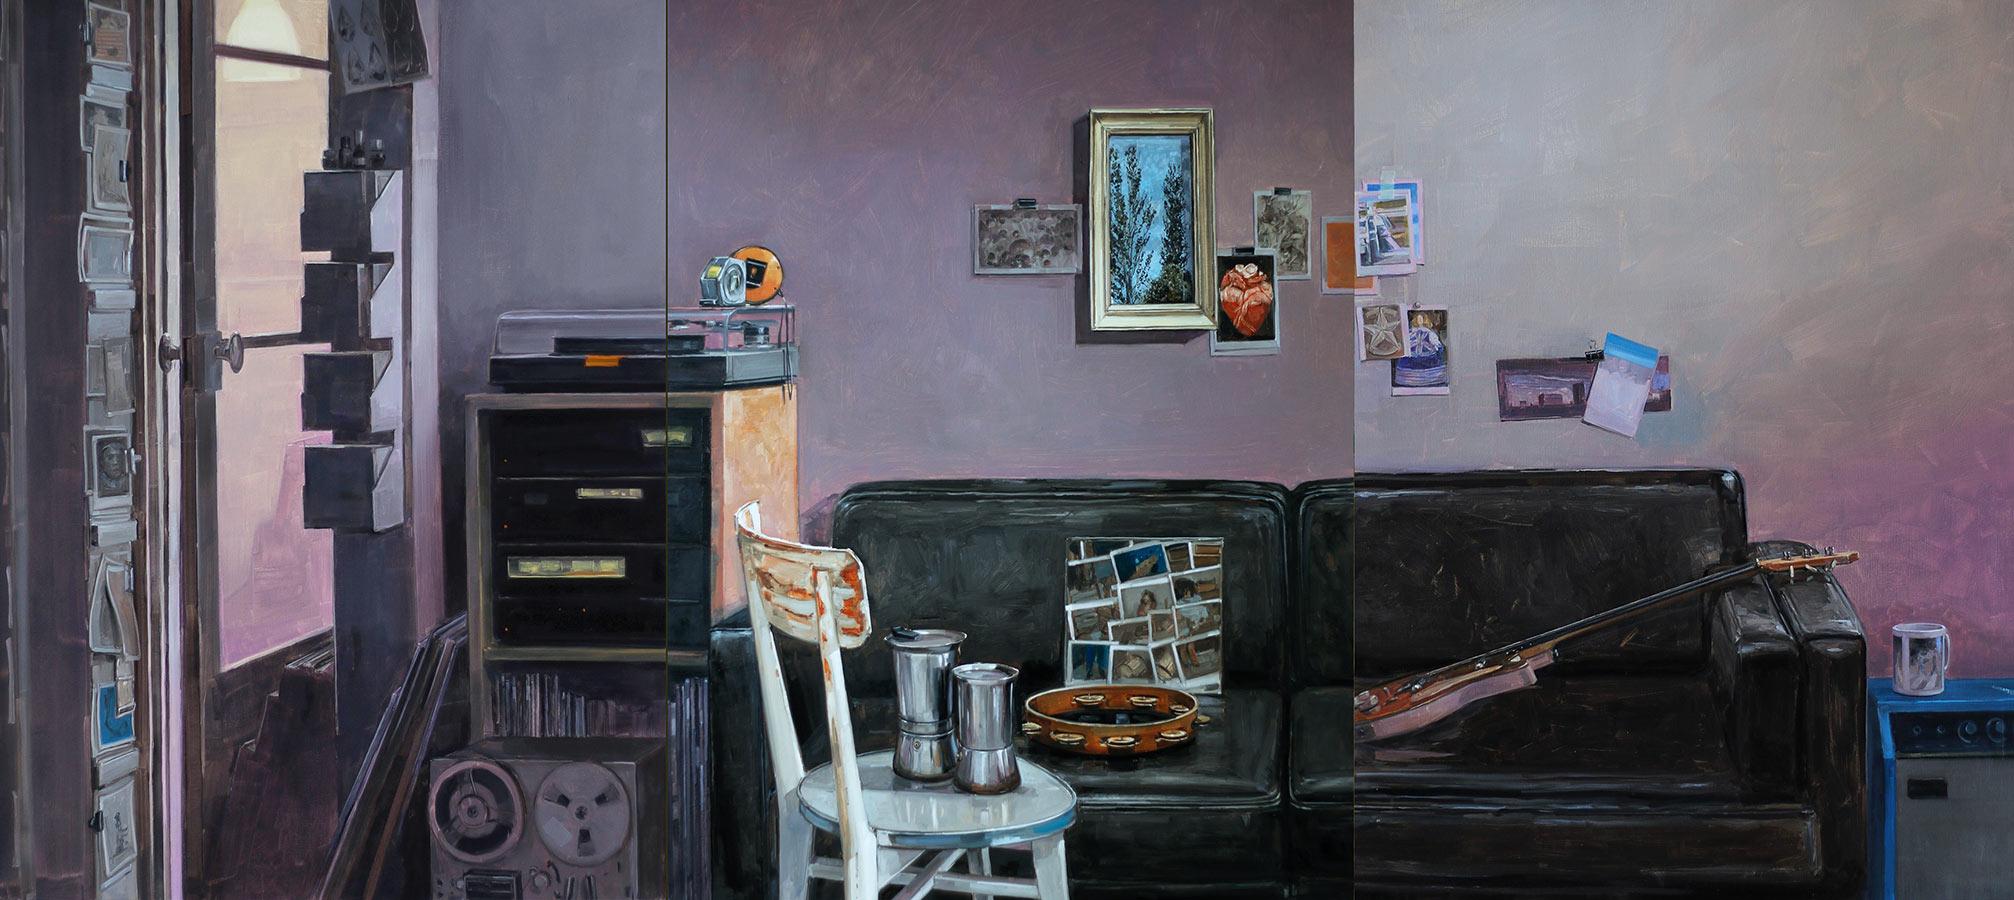 Les désordres 3. Triptyques, huile sur toile, 130 x 97 cm